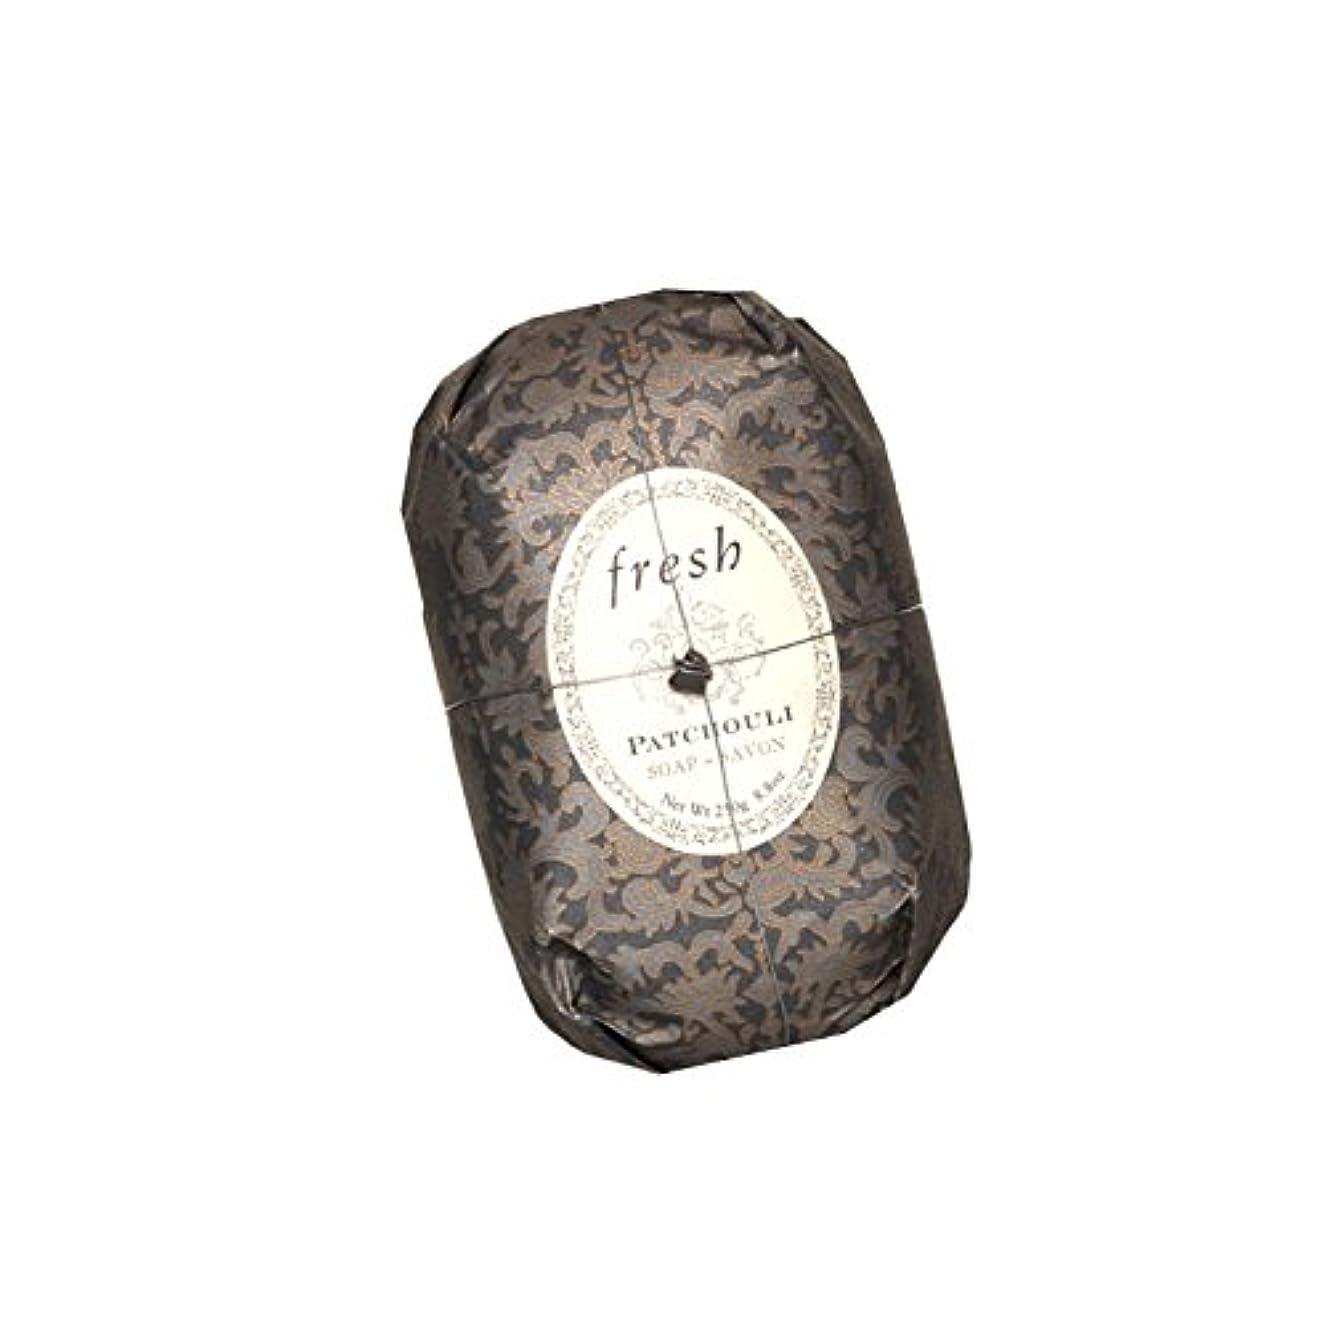 観光暗唱する複合Fresh フレッシュ Patchouli Soap 石鹸, 250g/8.8oz. [海外直送品] [並行輸入品]